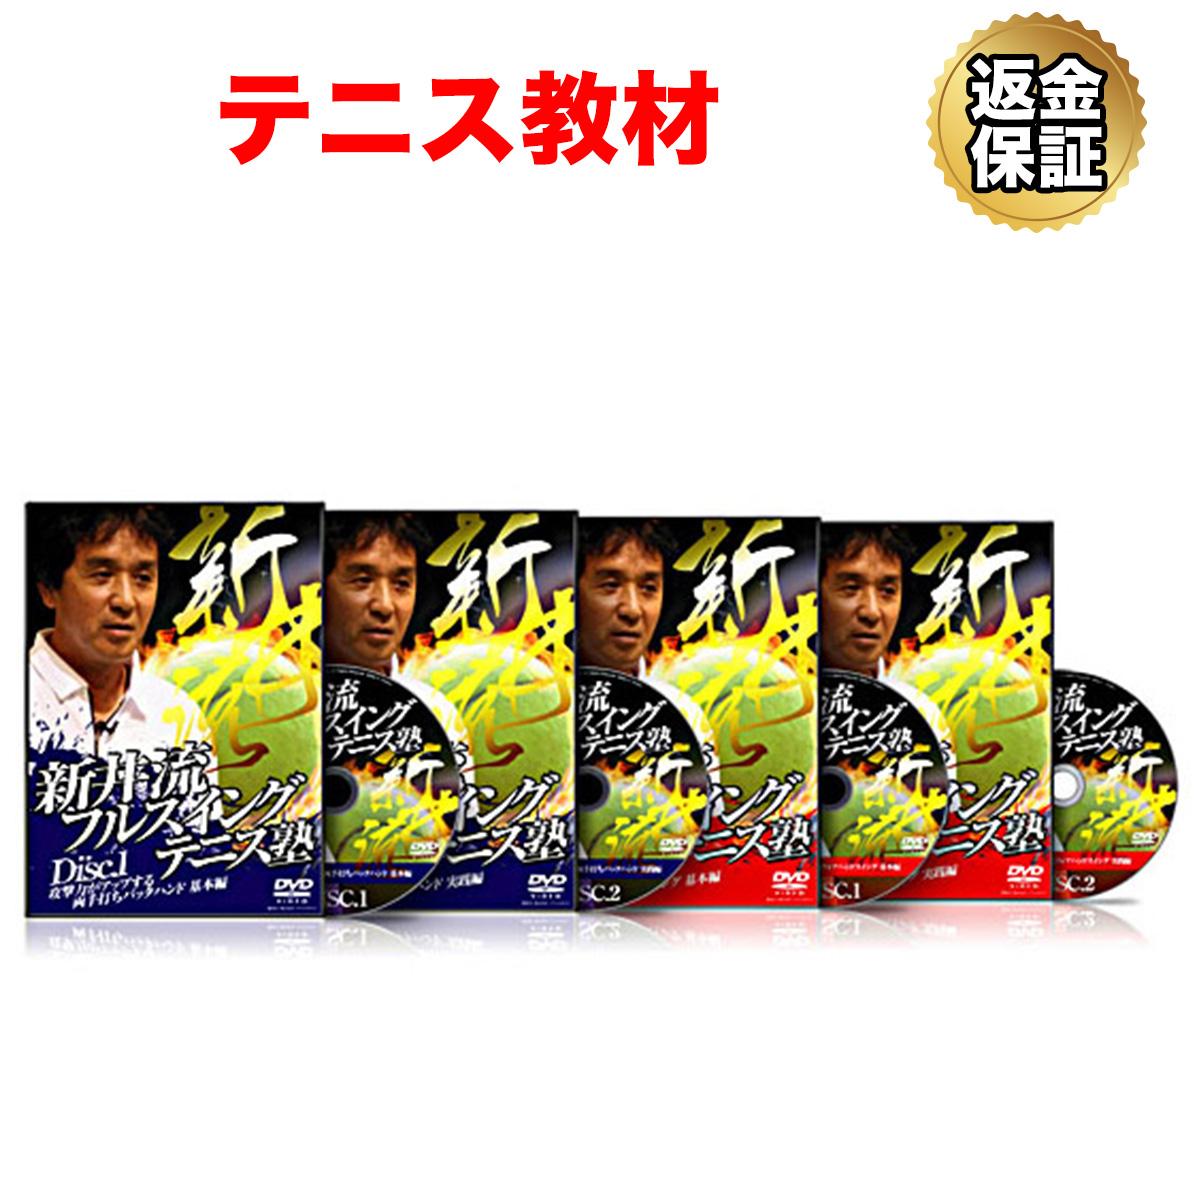 テニス 教材 DVD 新井流フルスイングテニス塾 攻撃力がアップする フォアハンド・両手打ちバックハンド